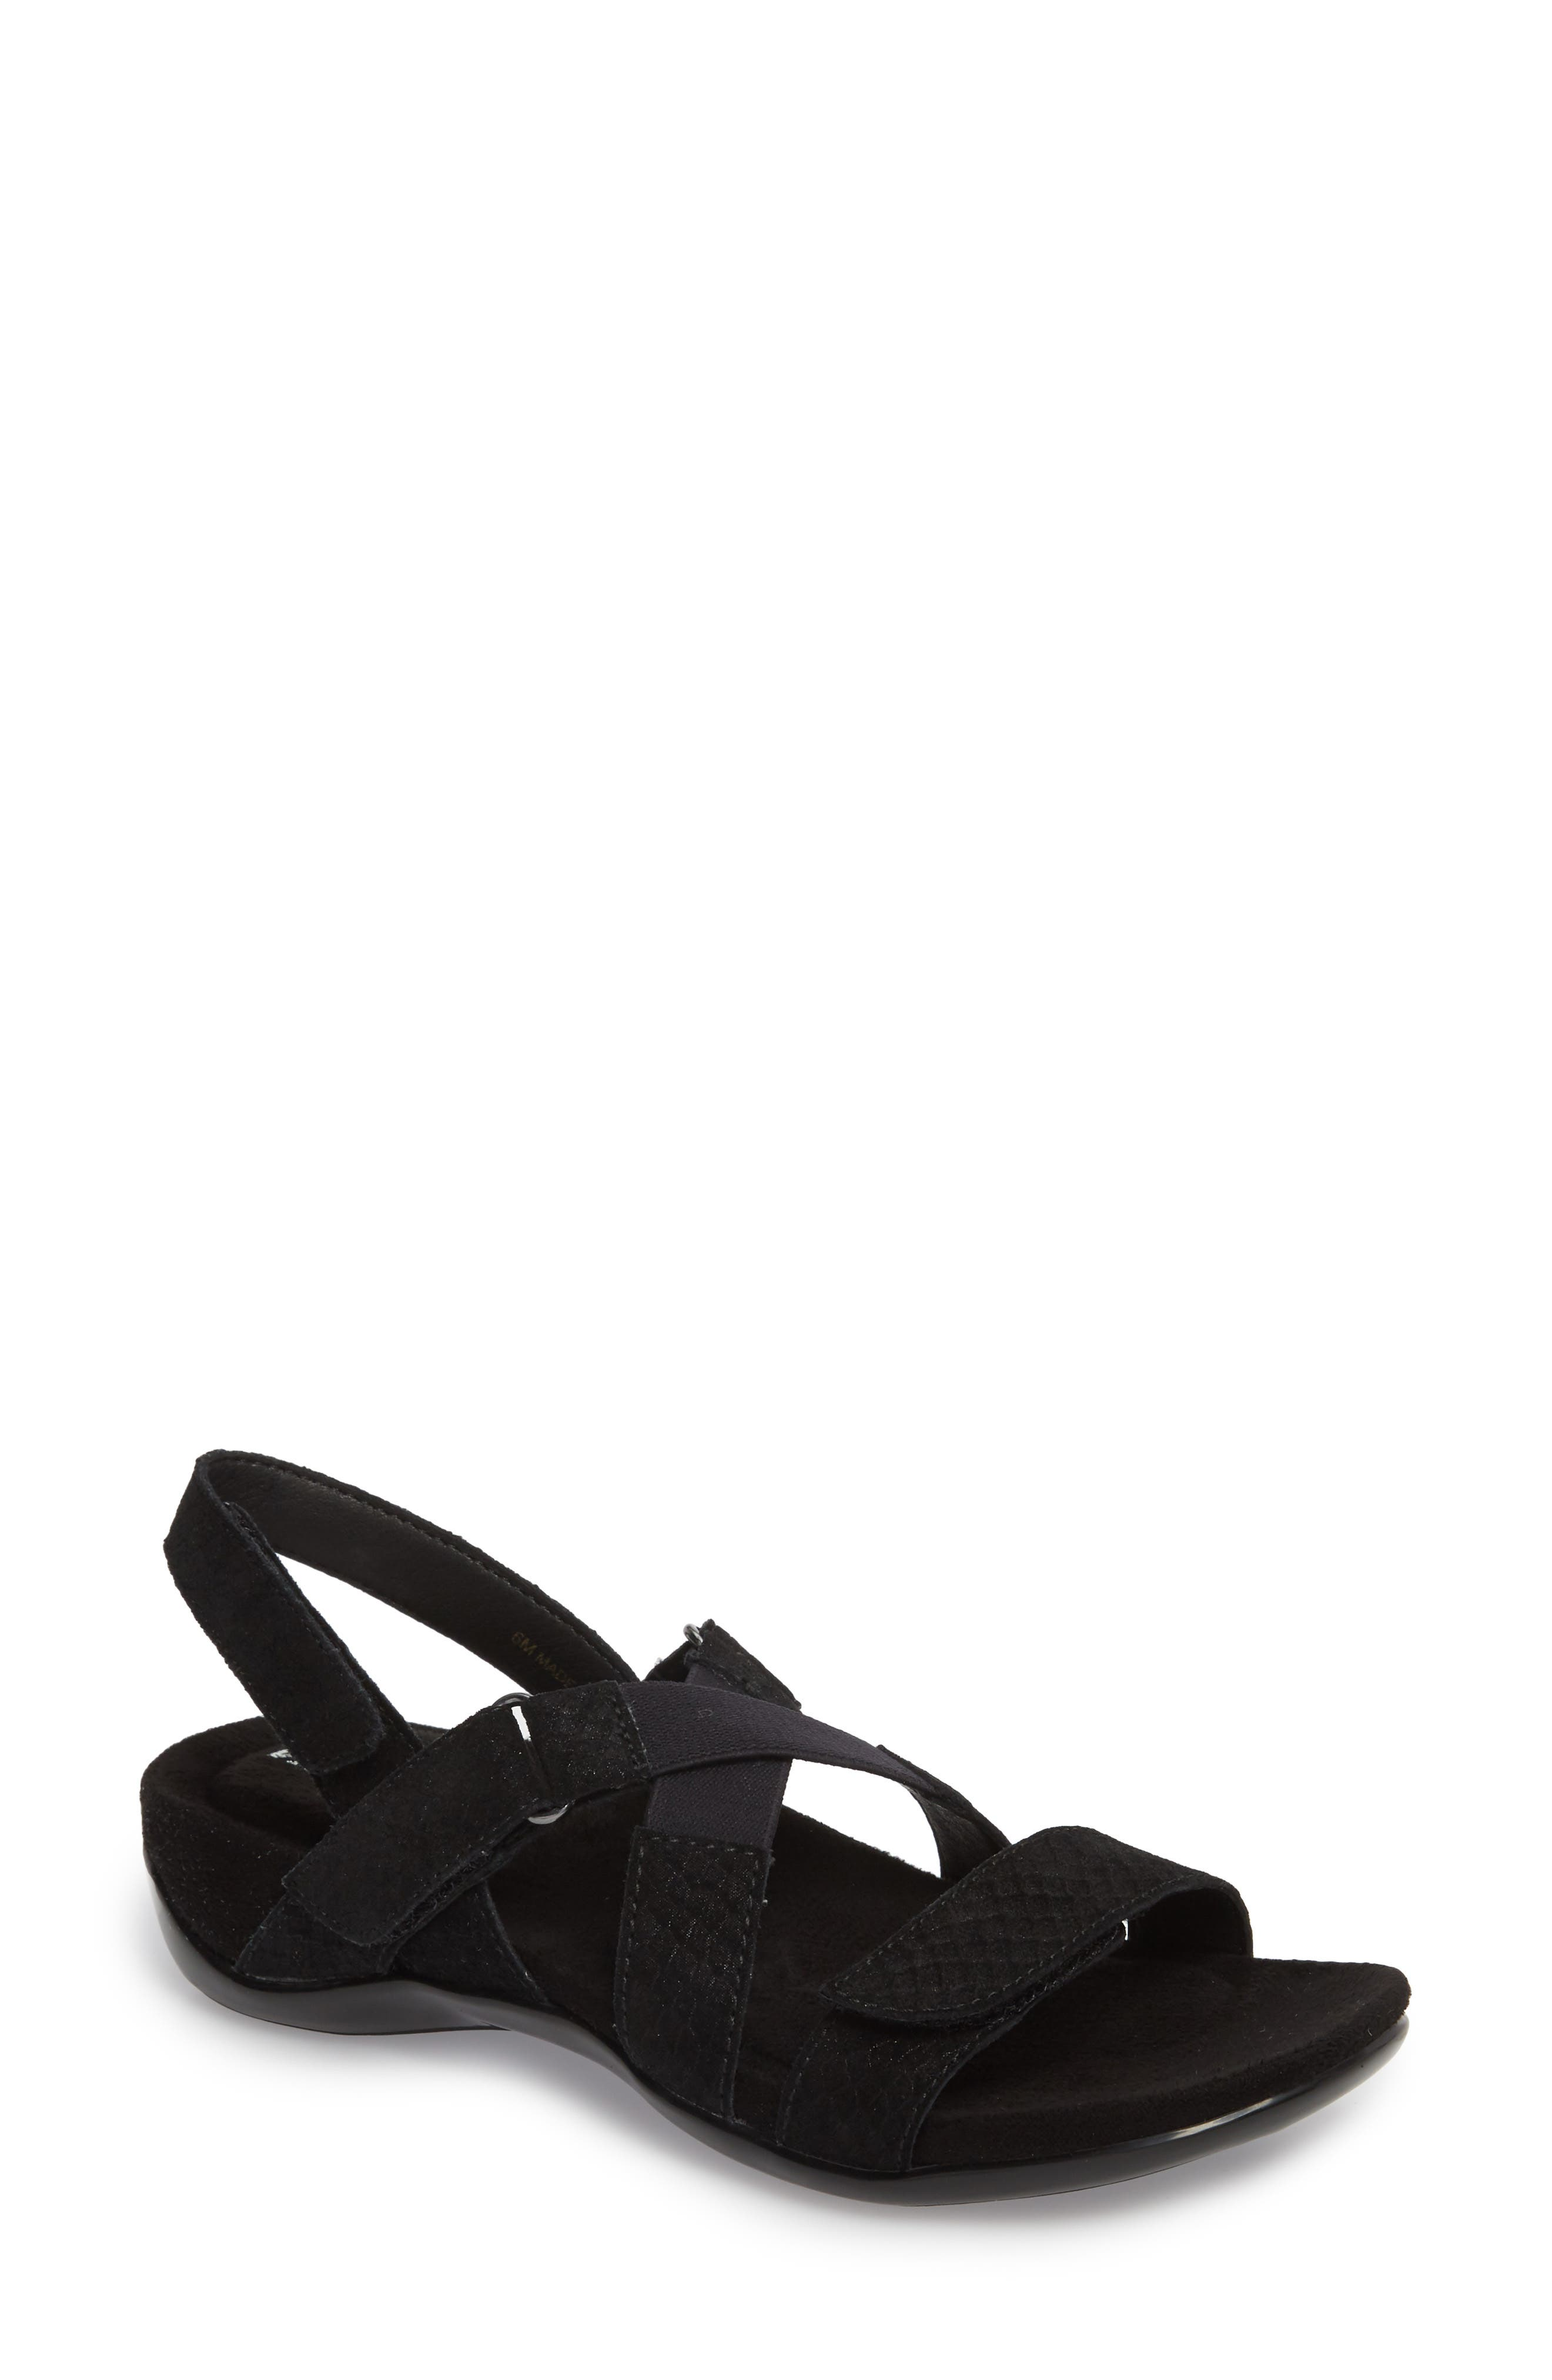 Vicki Slingback Sandal,                             Main thumbnail 1, color,                             Black Printed Leather